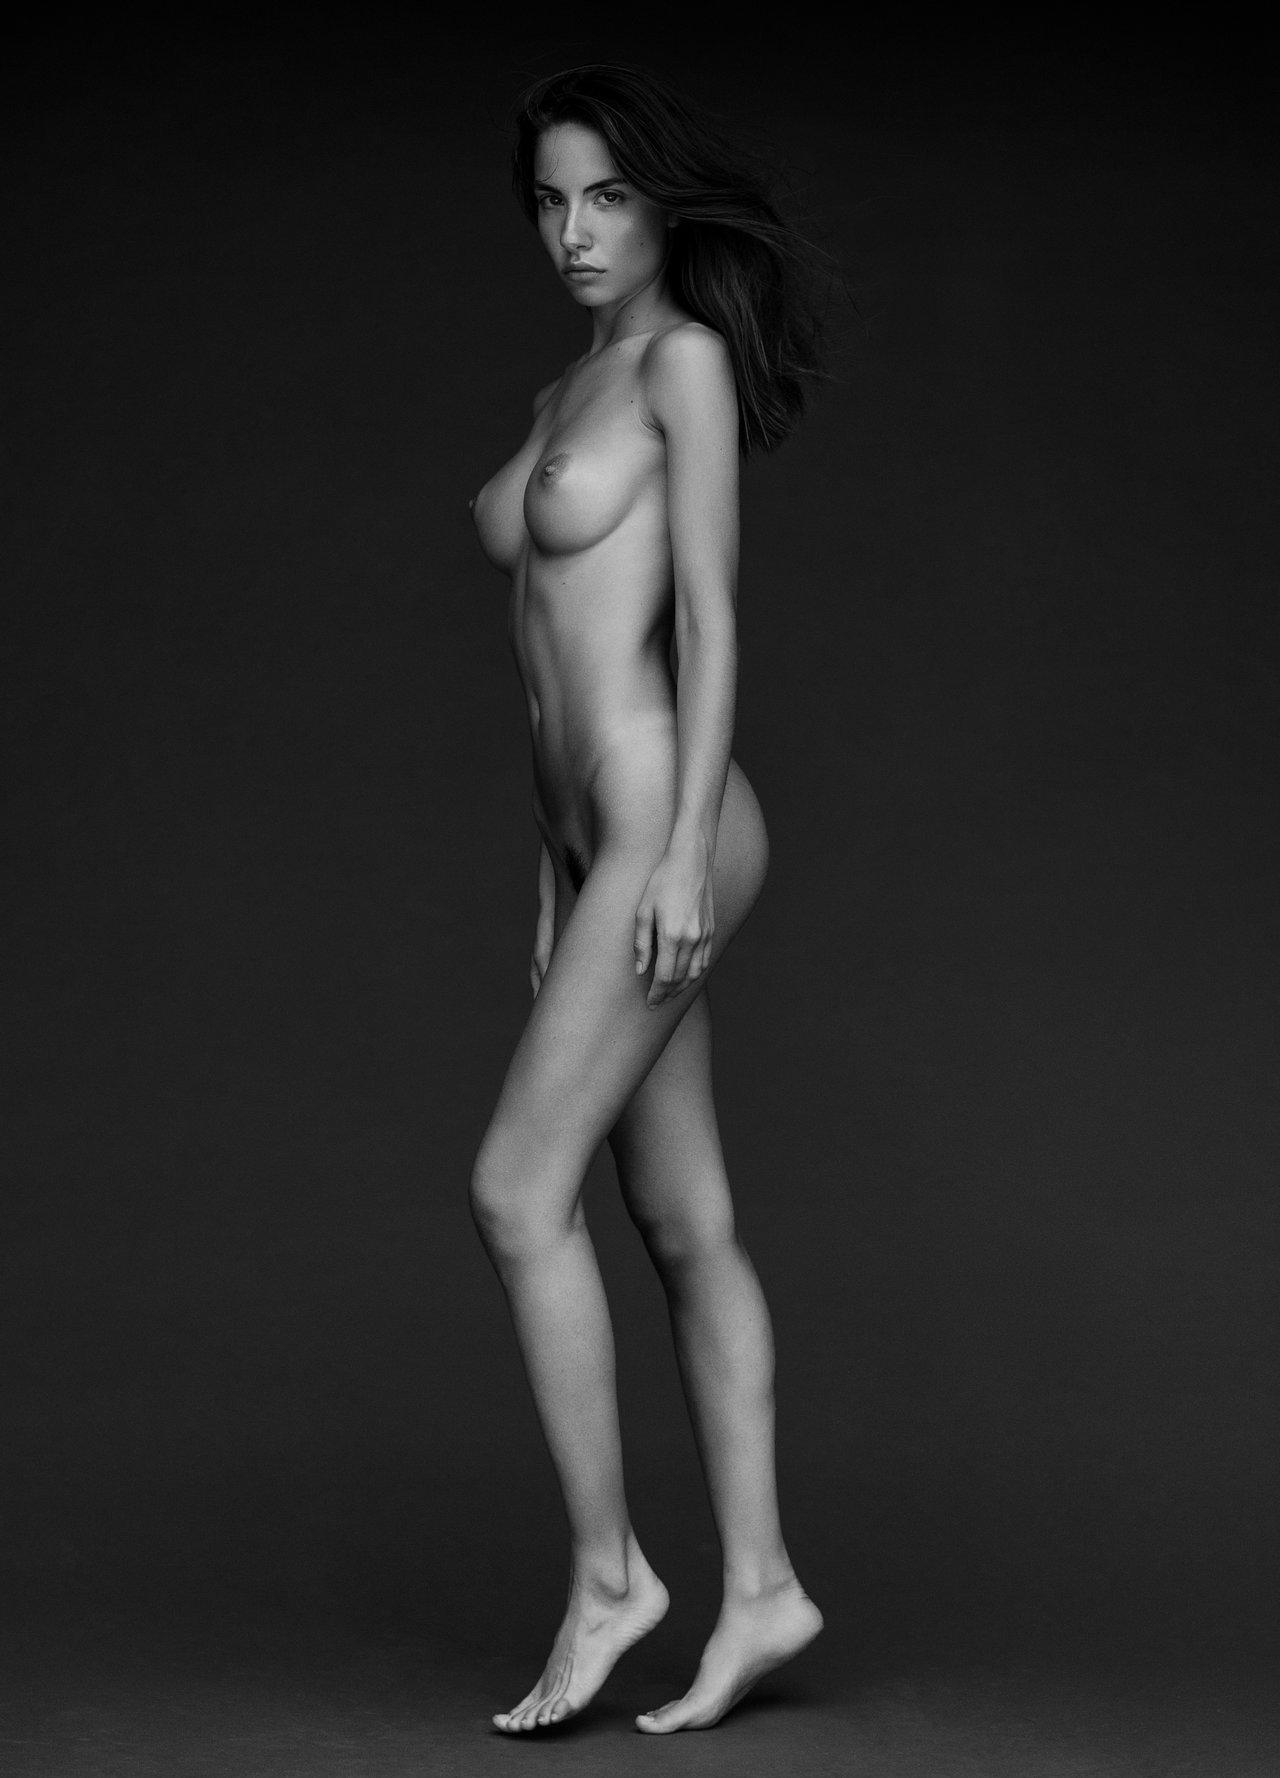 Rebecca Bagnol Rebeccabagnol Nudes Leaks 0010